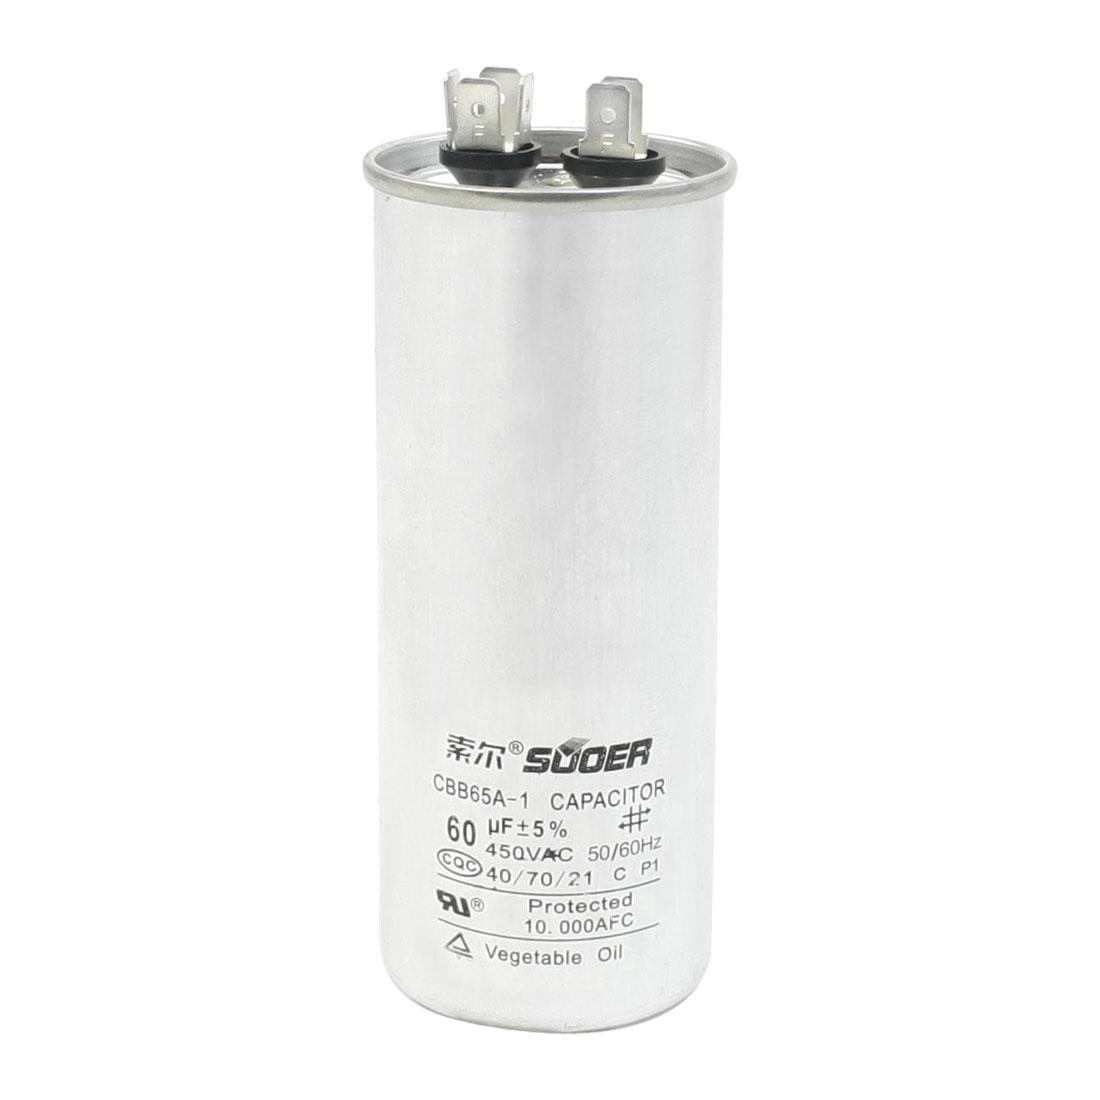 60uF 450V 50/60Hz Cylinder Shaped Refrigerator Motor Running Capacitor